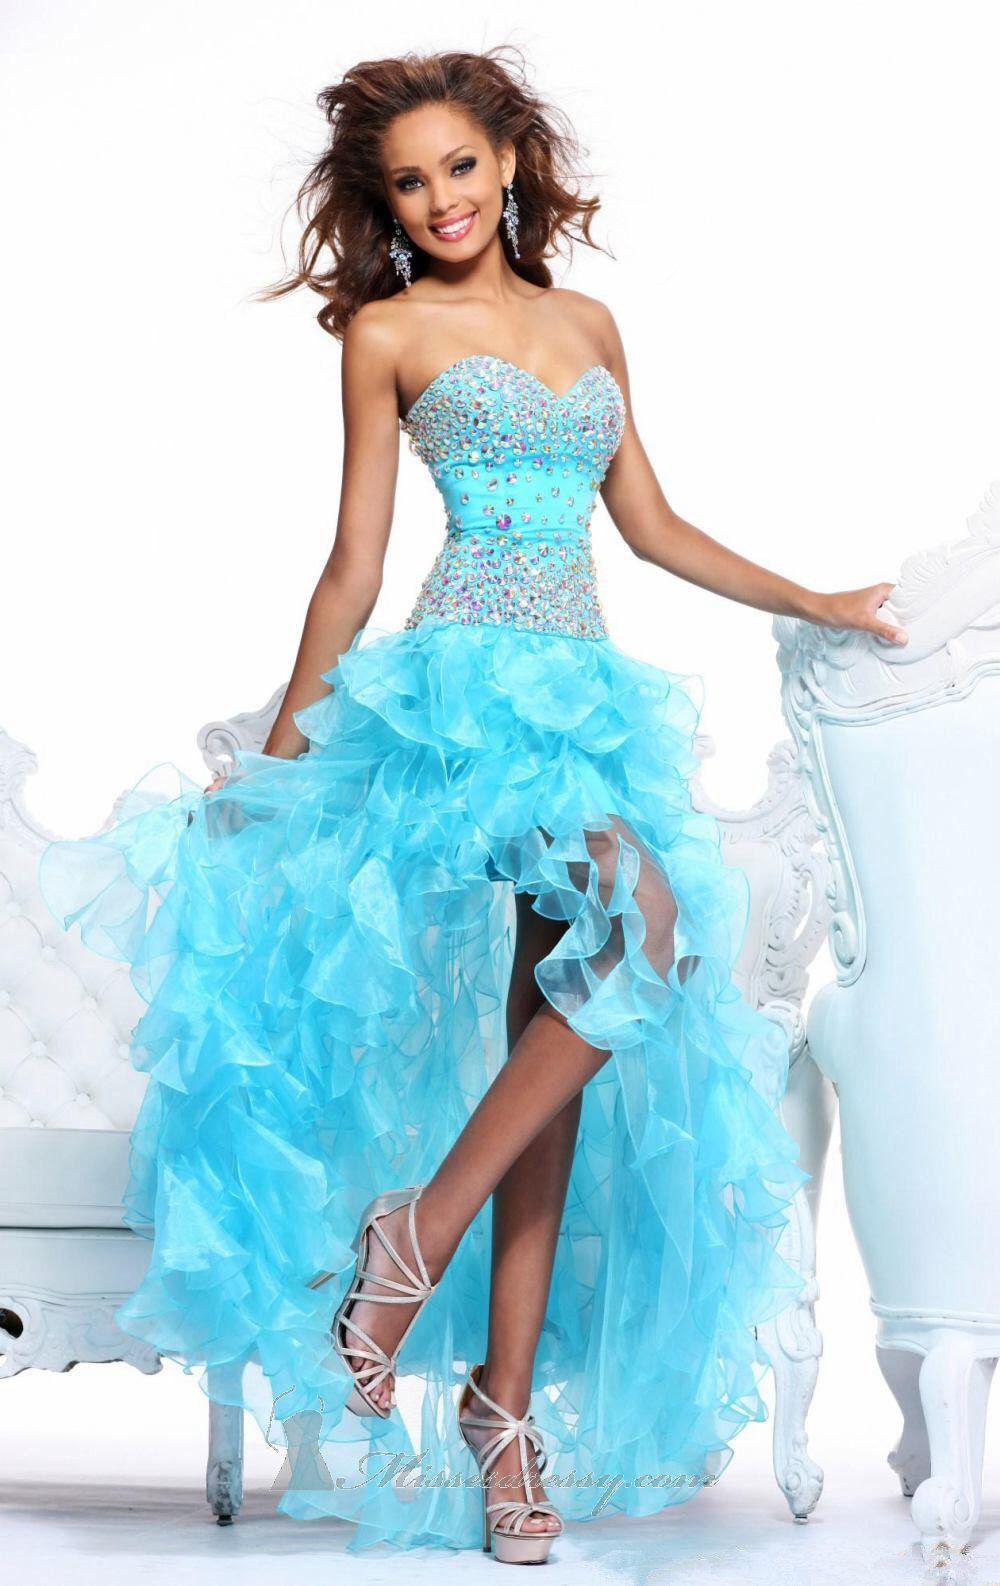 Sweet sixteen dress | Girl Stuff | Pinterest | Sweet sixteen, Prom ...